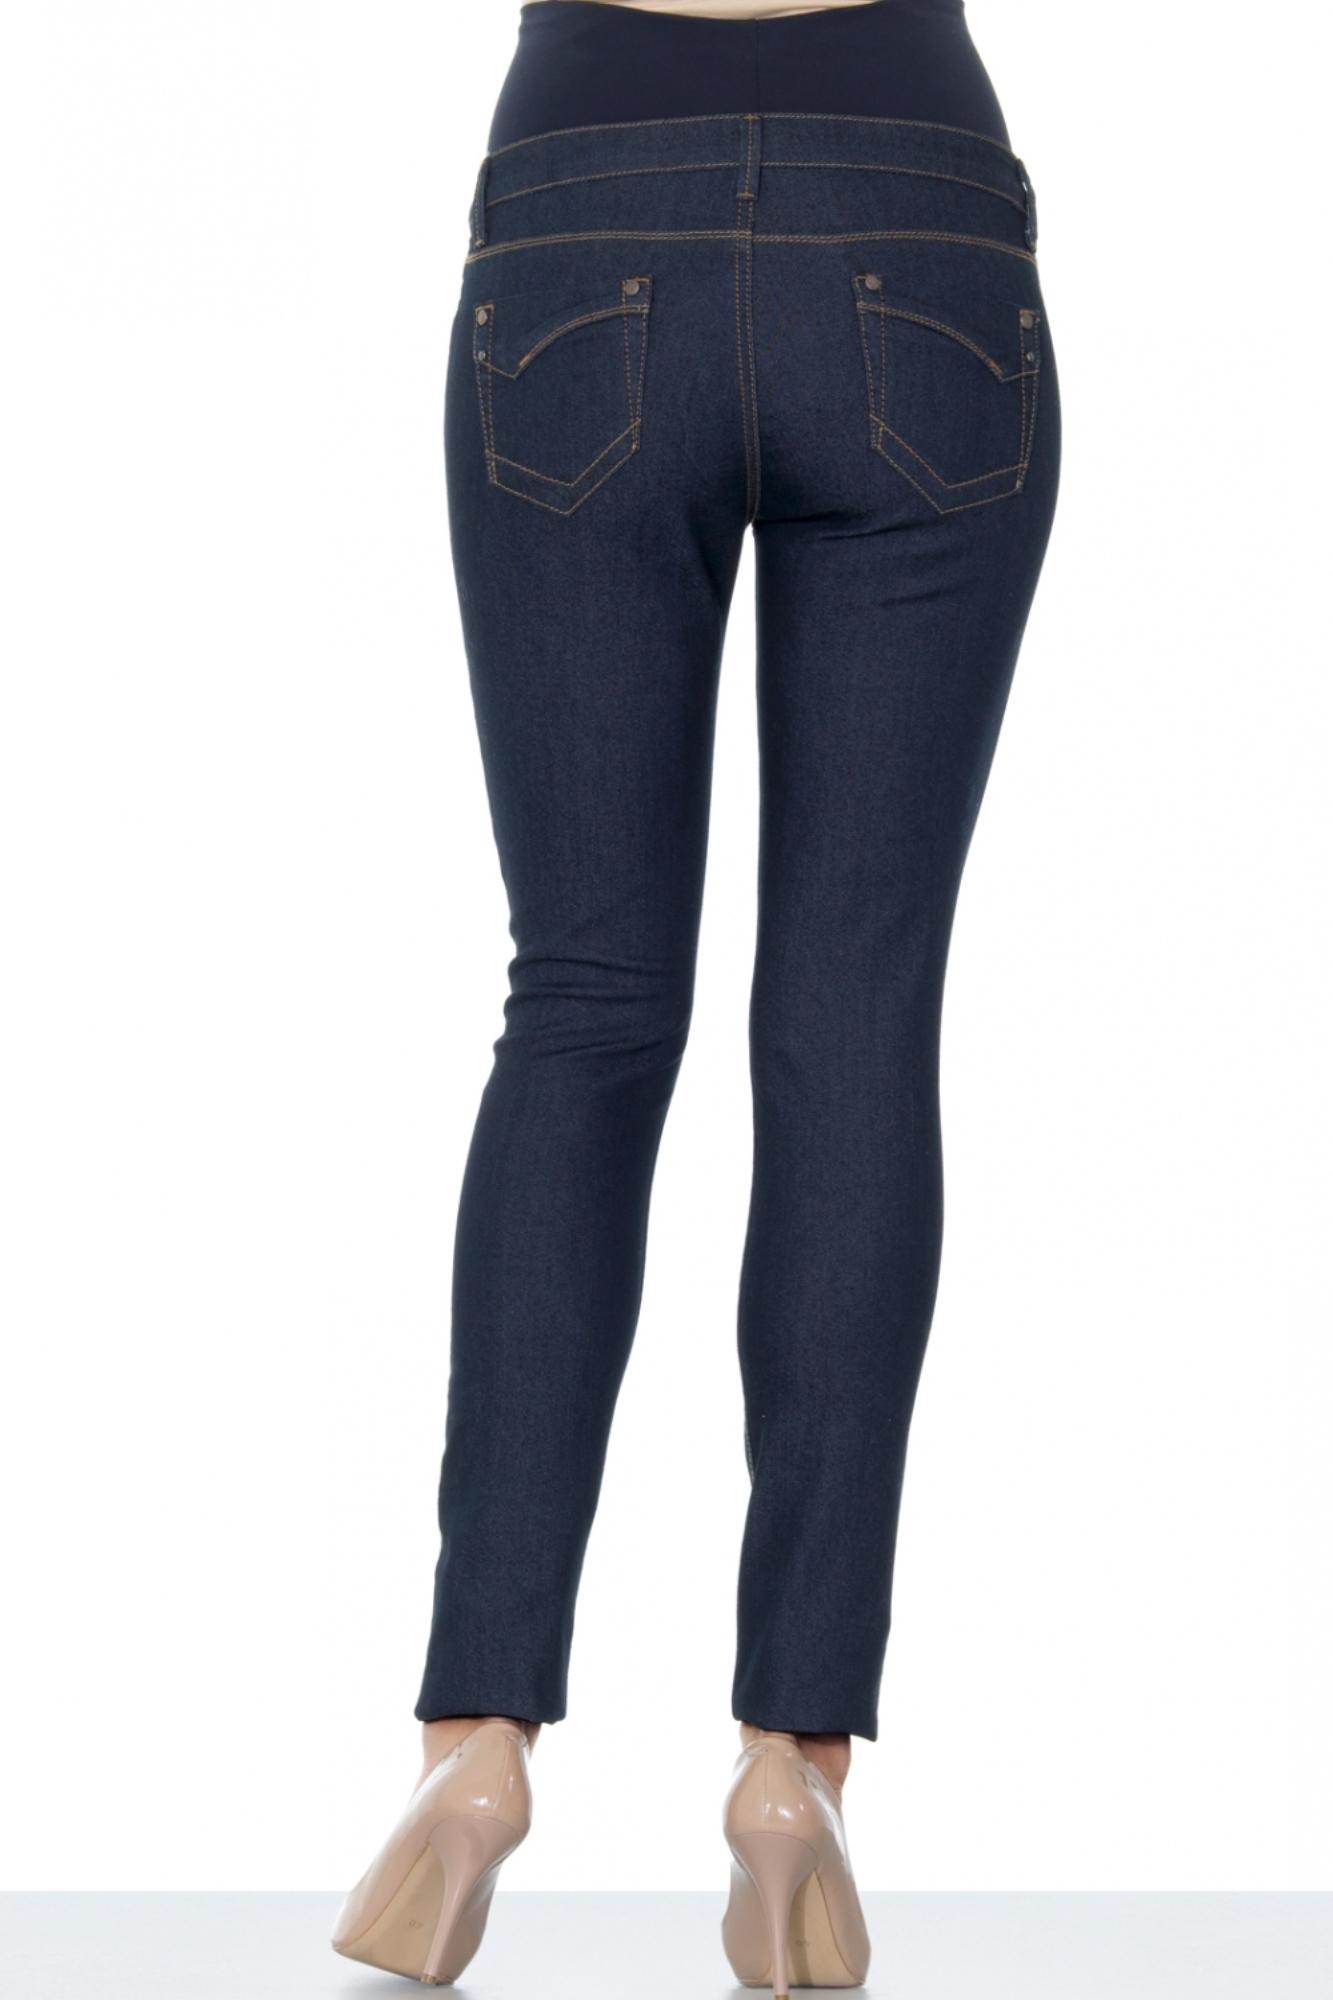 Фото джинсы для беременных EBRU, зауженные, высокая посадка, высокая вставка от магазина СкороМама, синий, размеры.